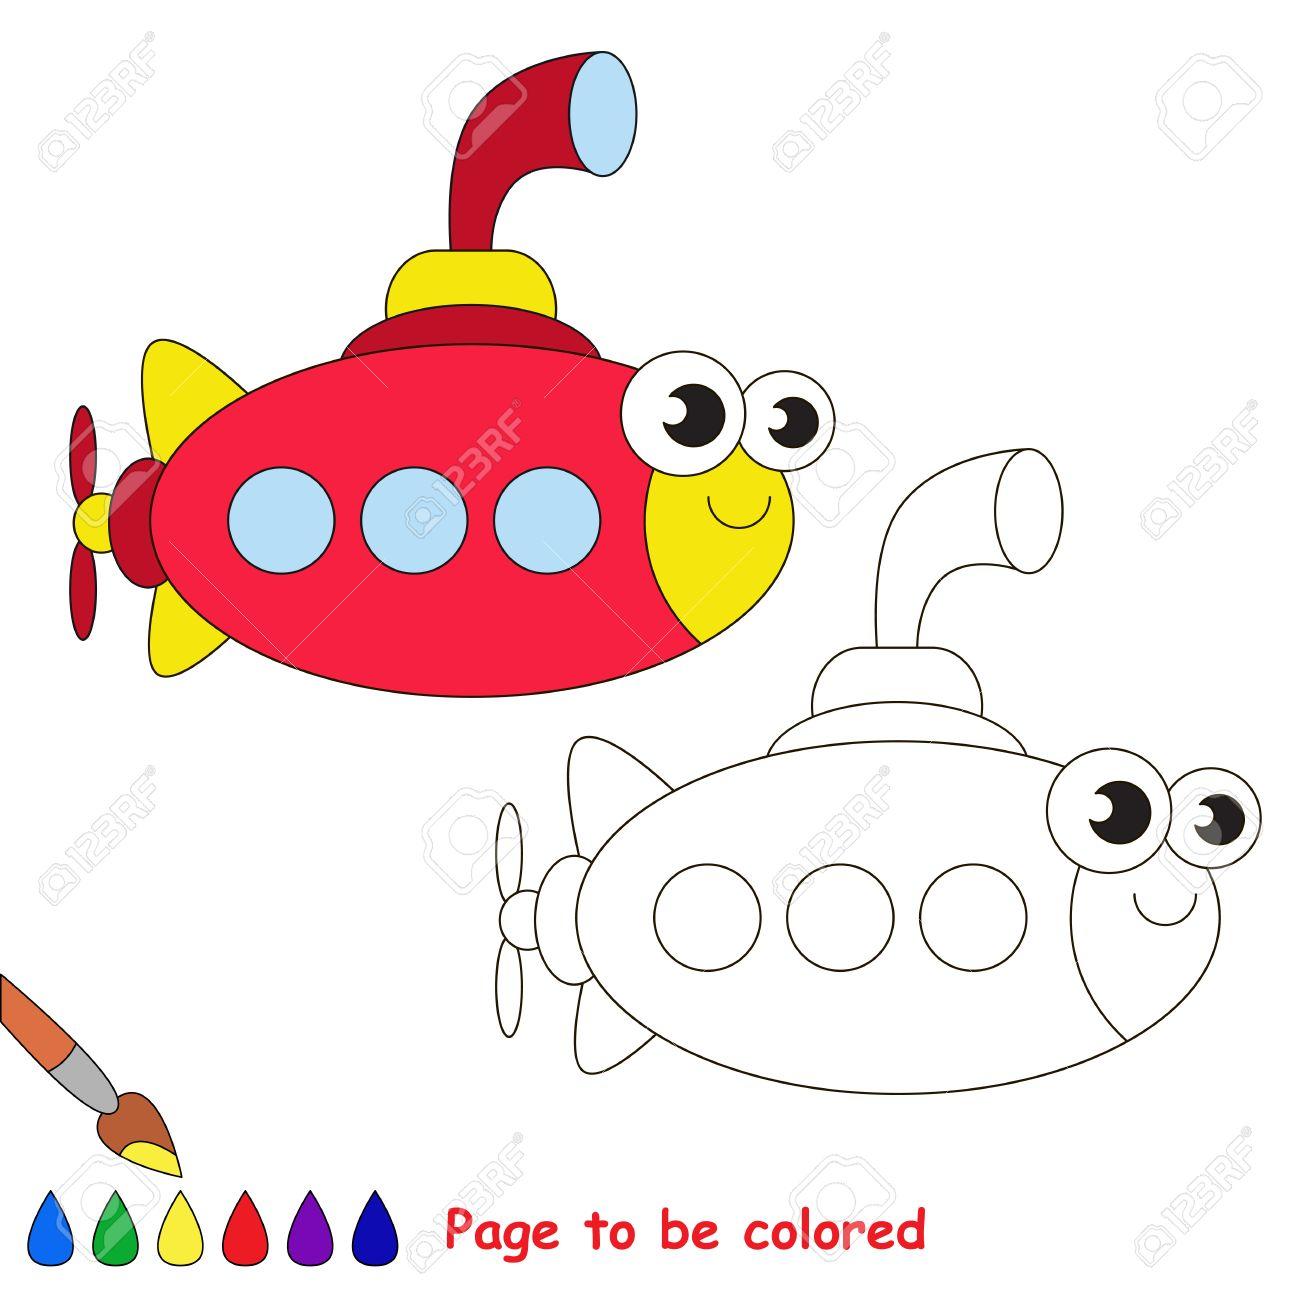 Rote U-Boot Werden Gefärbt. Malbuch Kinder Zu Erziehen. Erfahren Sie ...